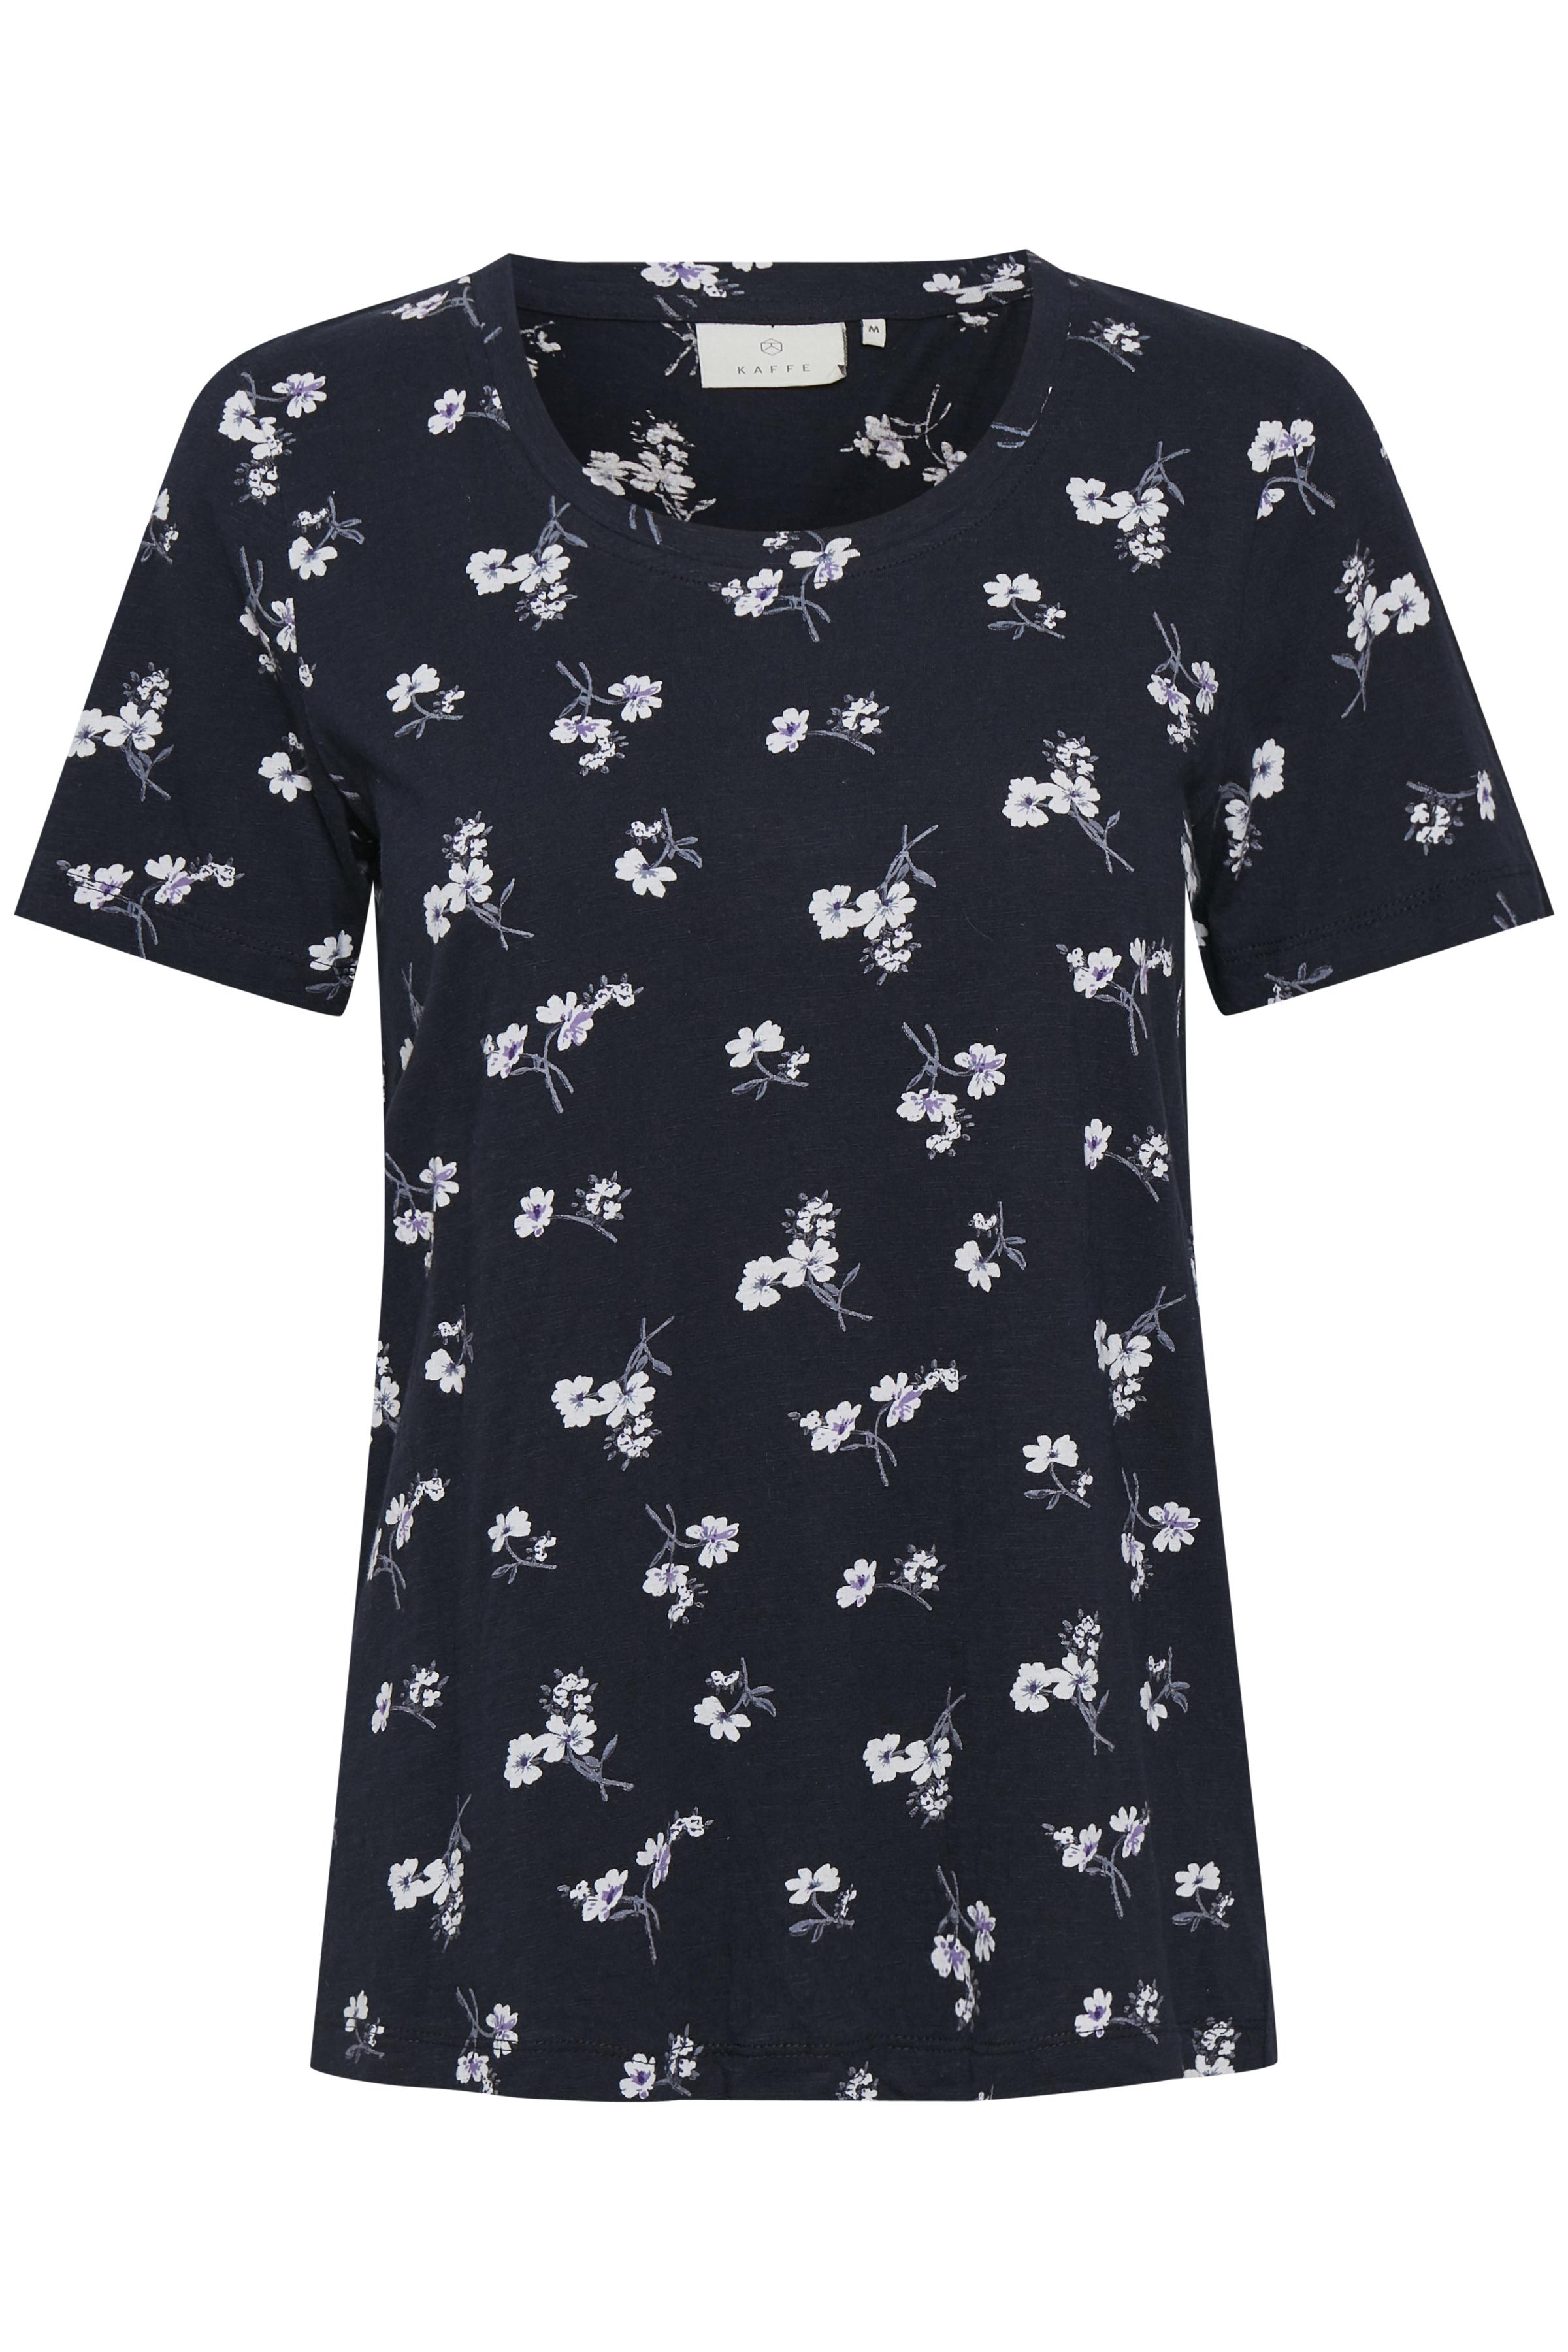 Marineblå/hvid Kortærmet T-shirt fra Kaffe – Køb Marineblå/hvid Kortærmet T-shirt fra str. XS-XXL her